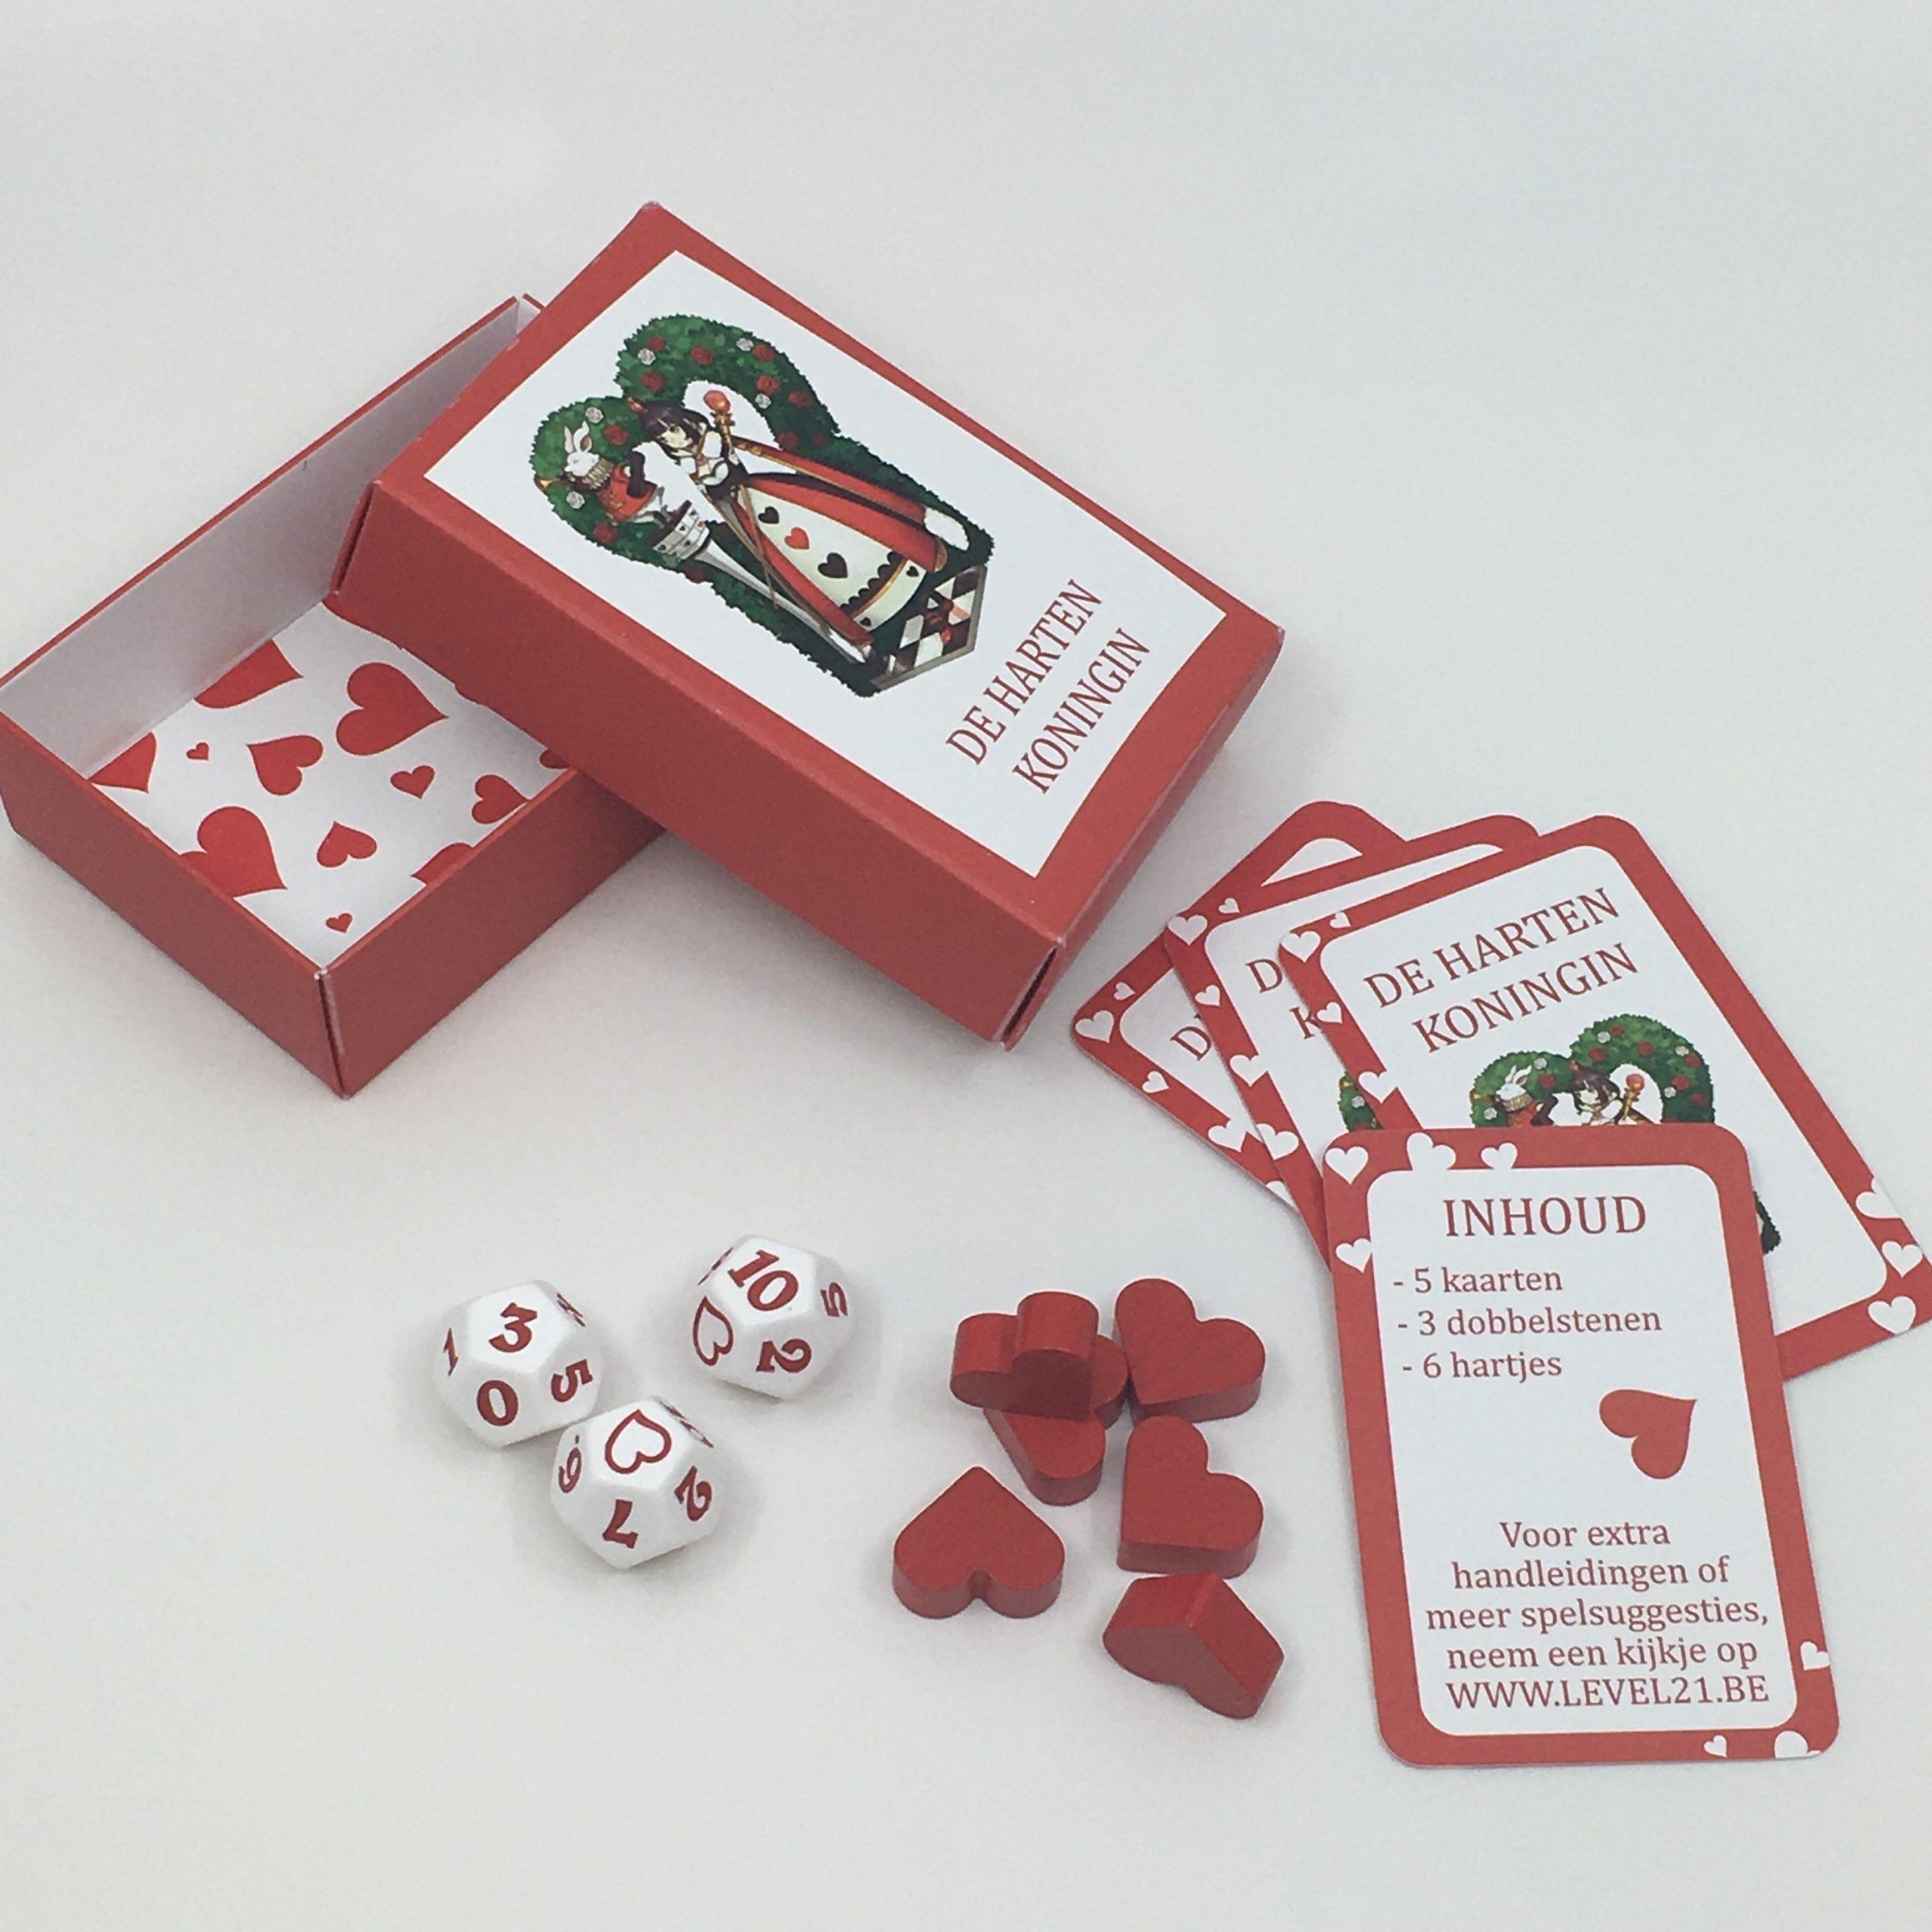 IMG 7300 scaled - Educatieve gezelschapsspelletjes voor kinderen